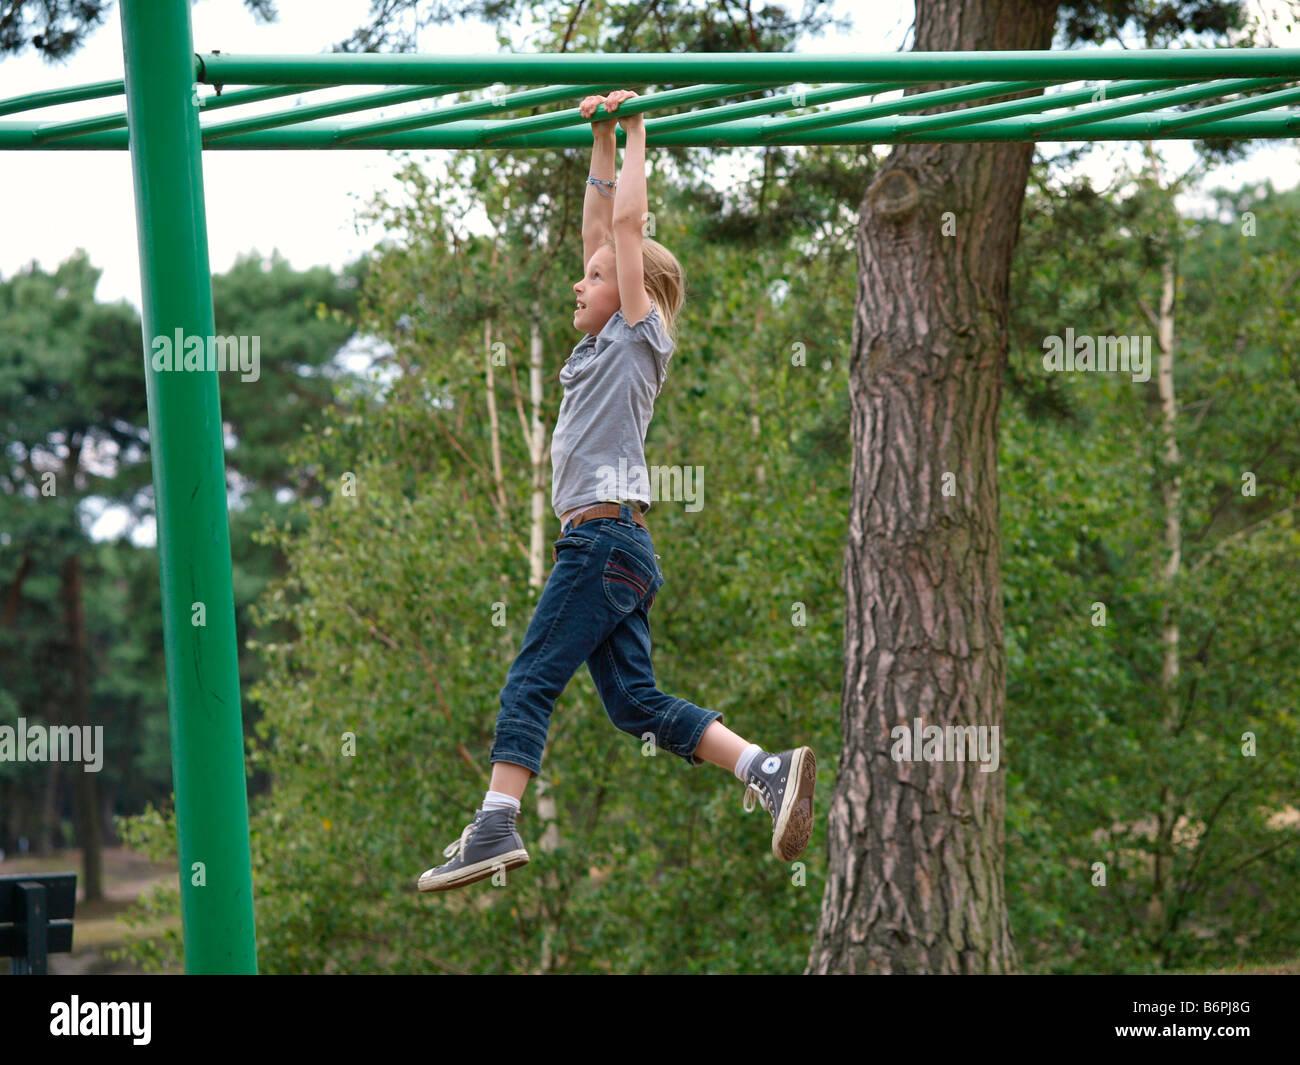 Klettergerüst Am Hang : Kleines mädchen 8 jahre alt hängen vom klettergerüst der niederlande